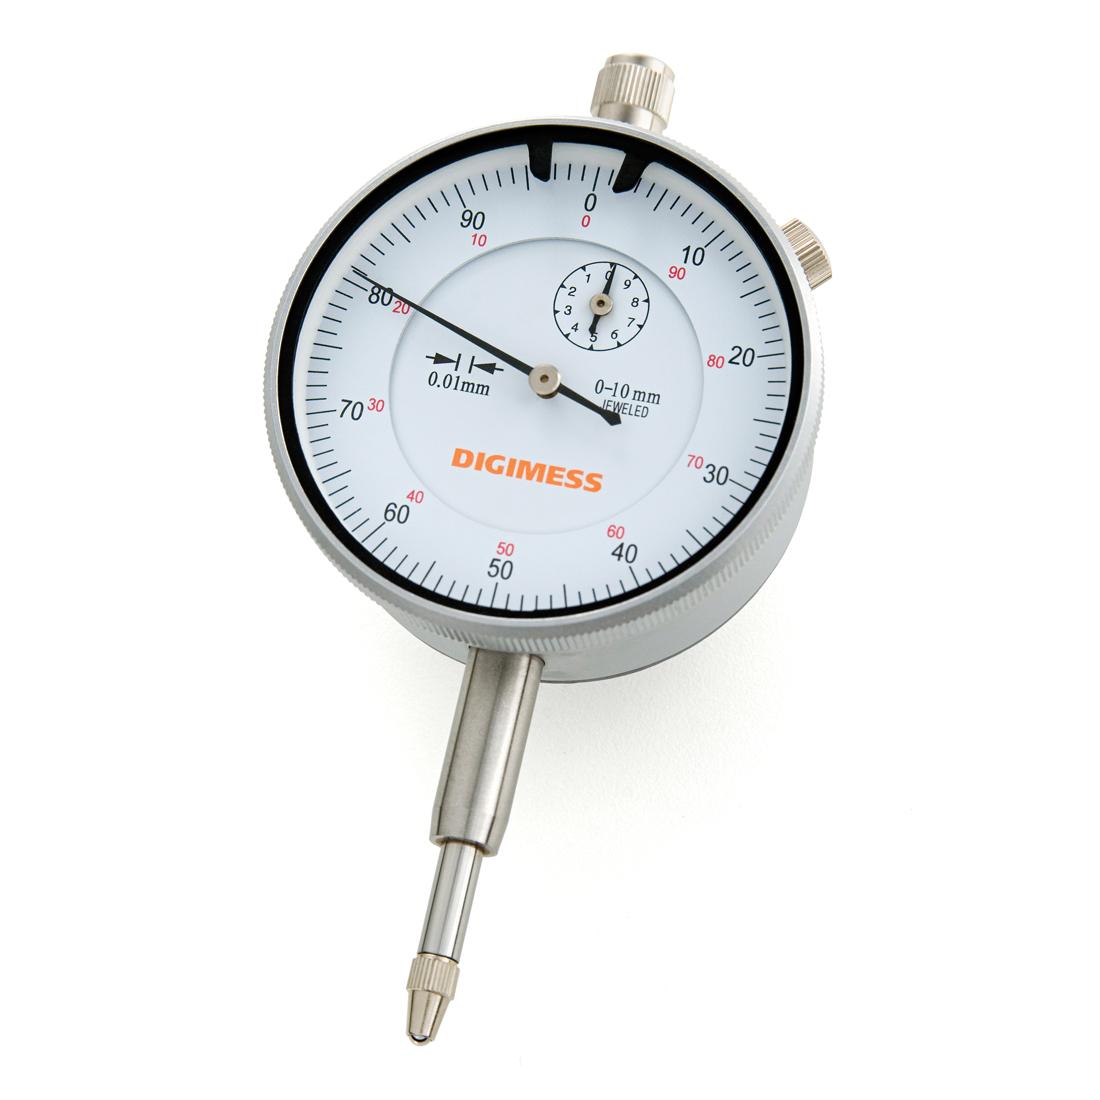 Relógio Comparador 0-10mm Digimess 121.304